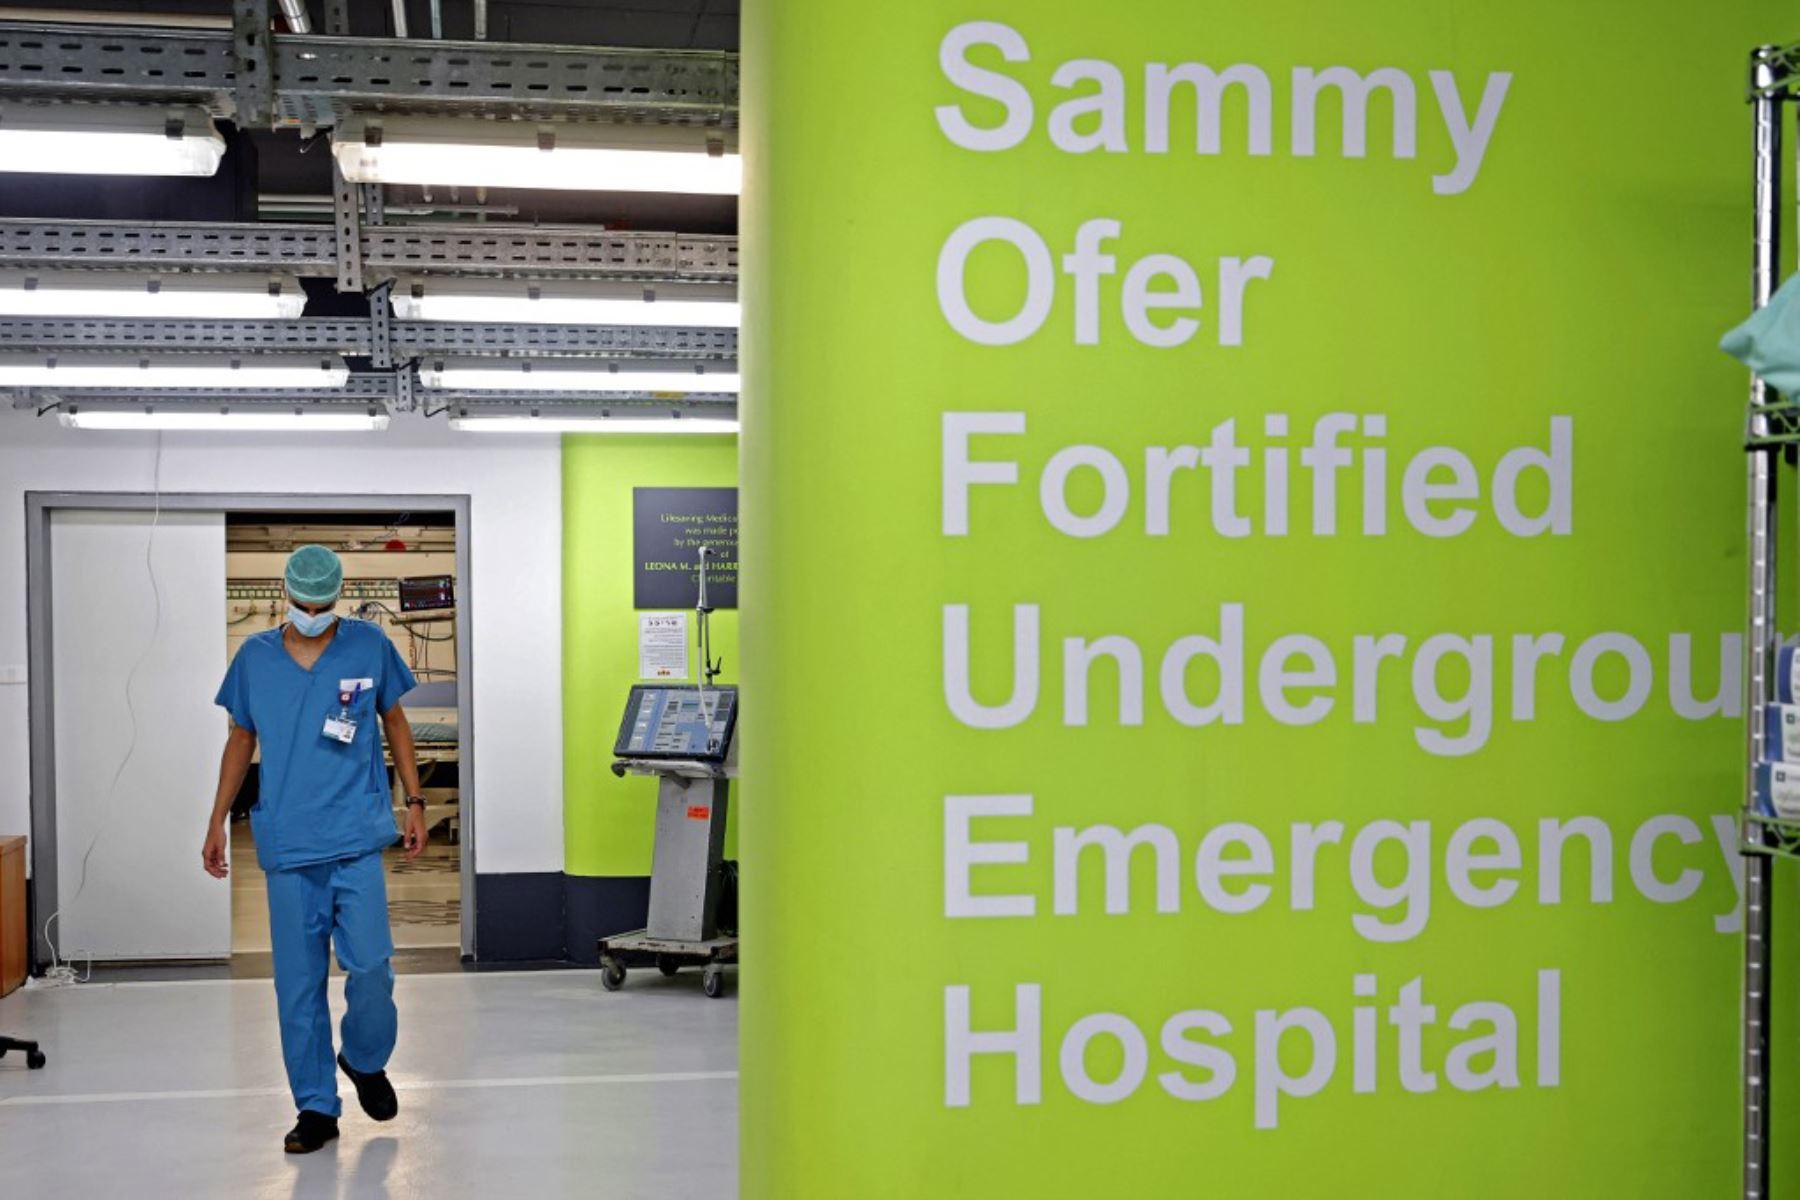 Un médico trabaja en el estacionamiento subterráneo del Rambam Health Care Campus, que se transformó en un centro de cuidados intensivos para pacientes con coronavirus, en la ciudad de Haifa, en el norte de Israel. Foto: AFP